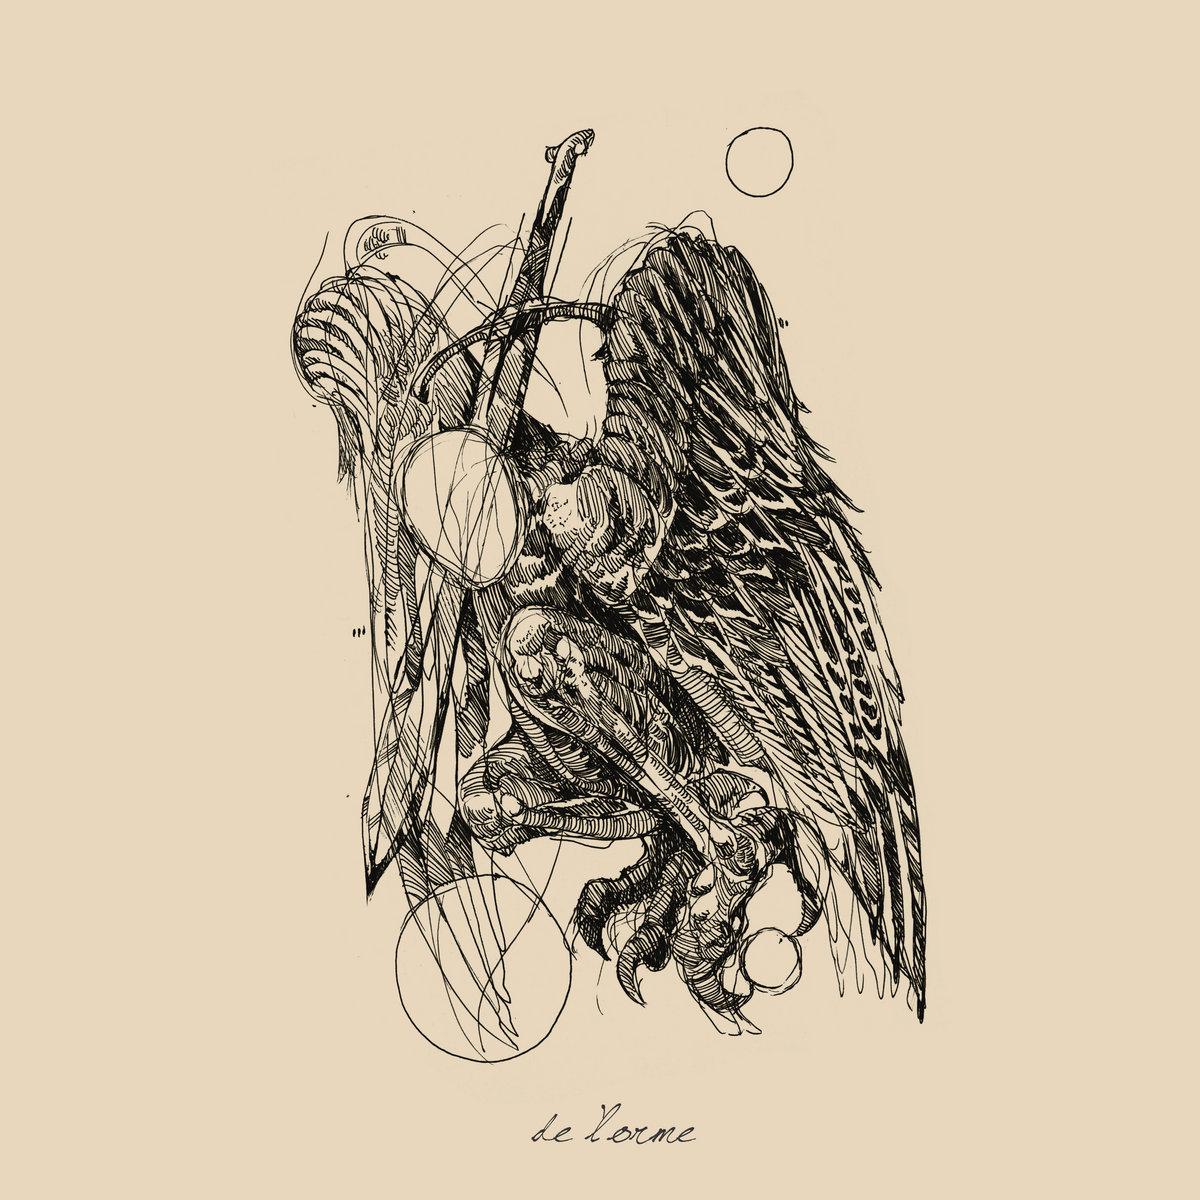 De l'orme - De l'orme [EP] (2018)